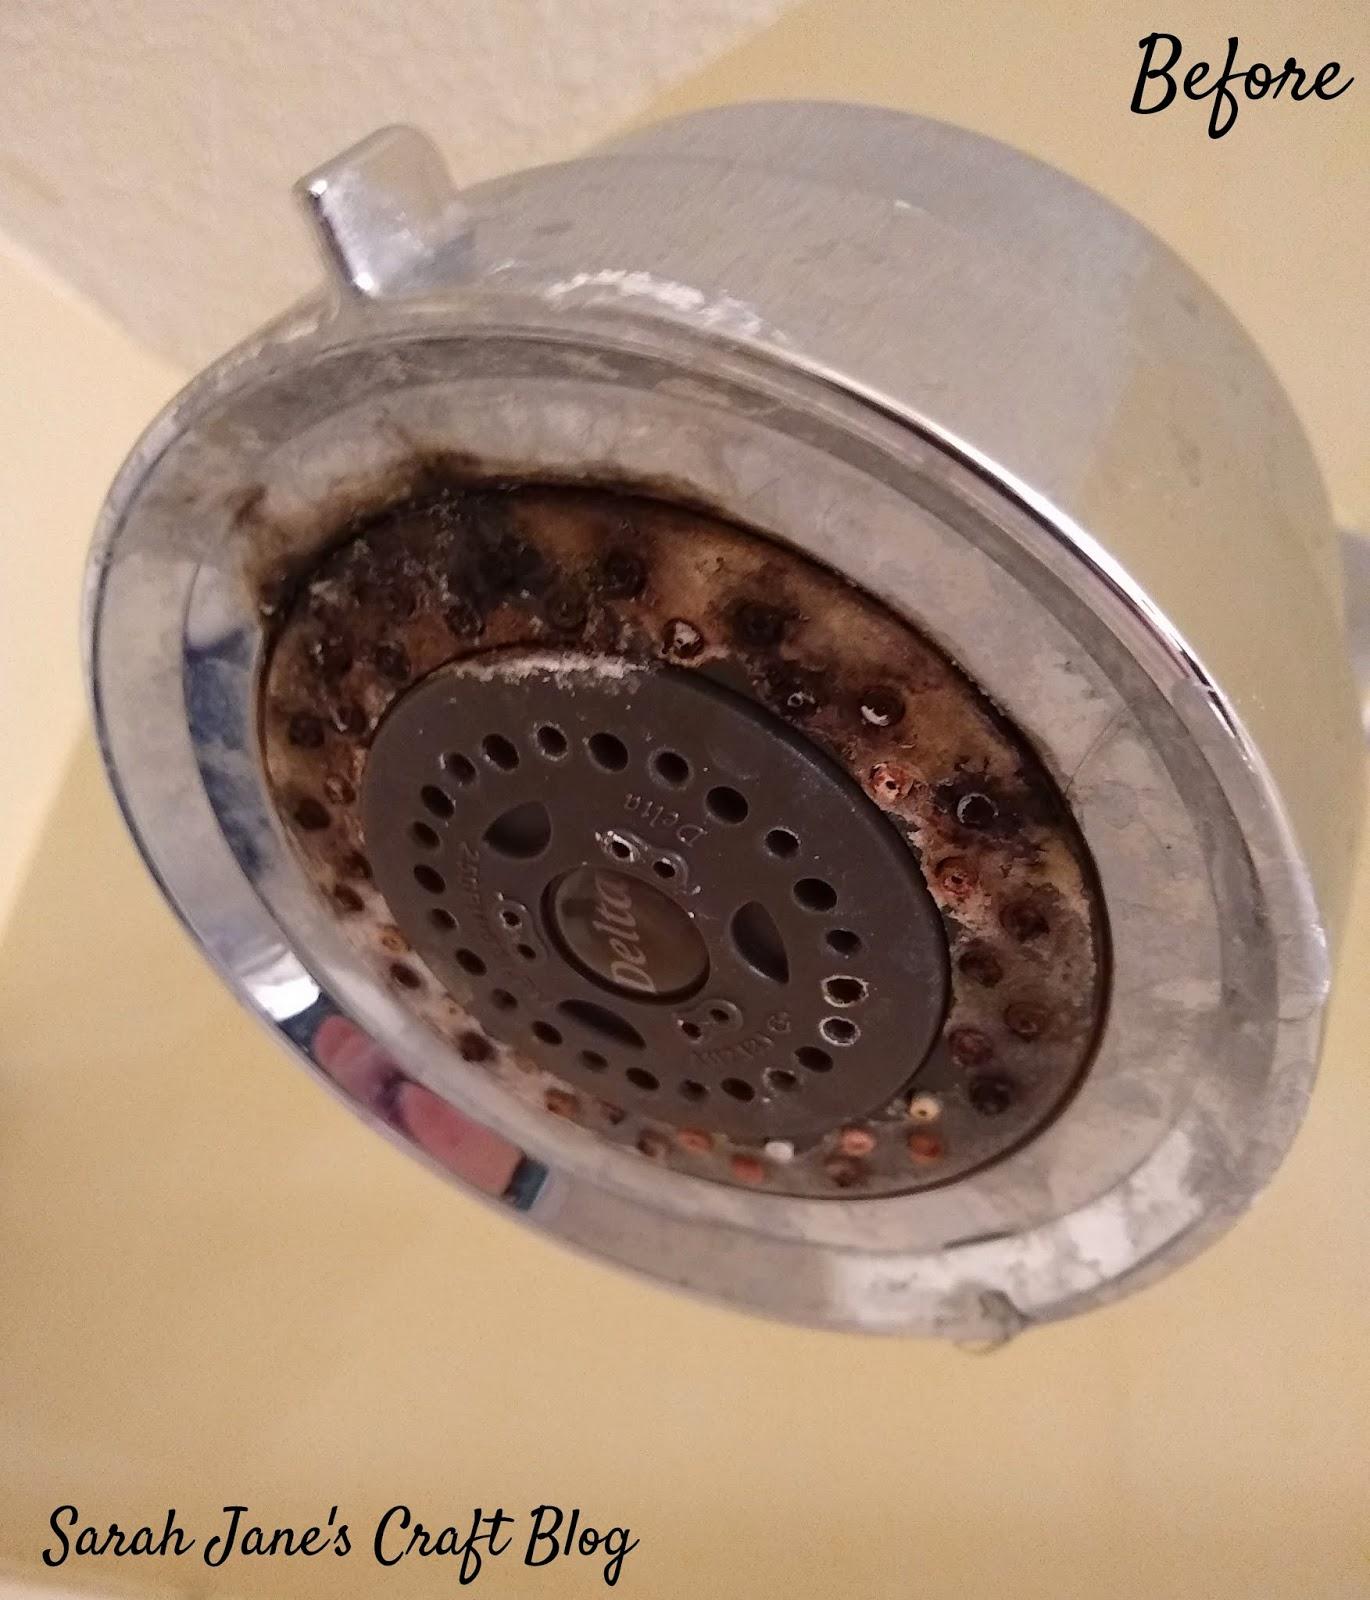 Sarah Jane S Craft Blog Tested Life Hack Diy Shower Head Cleaner